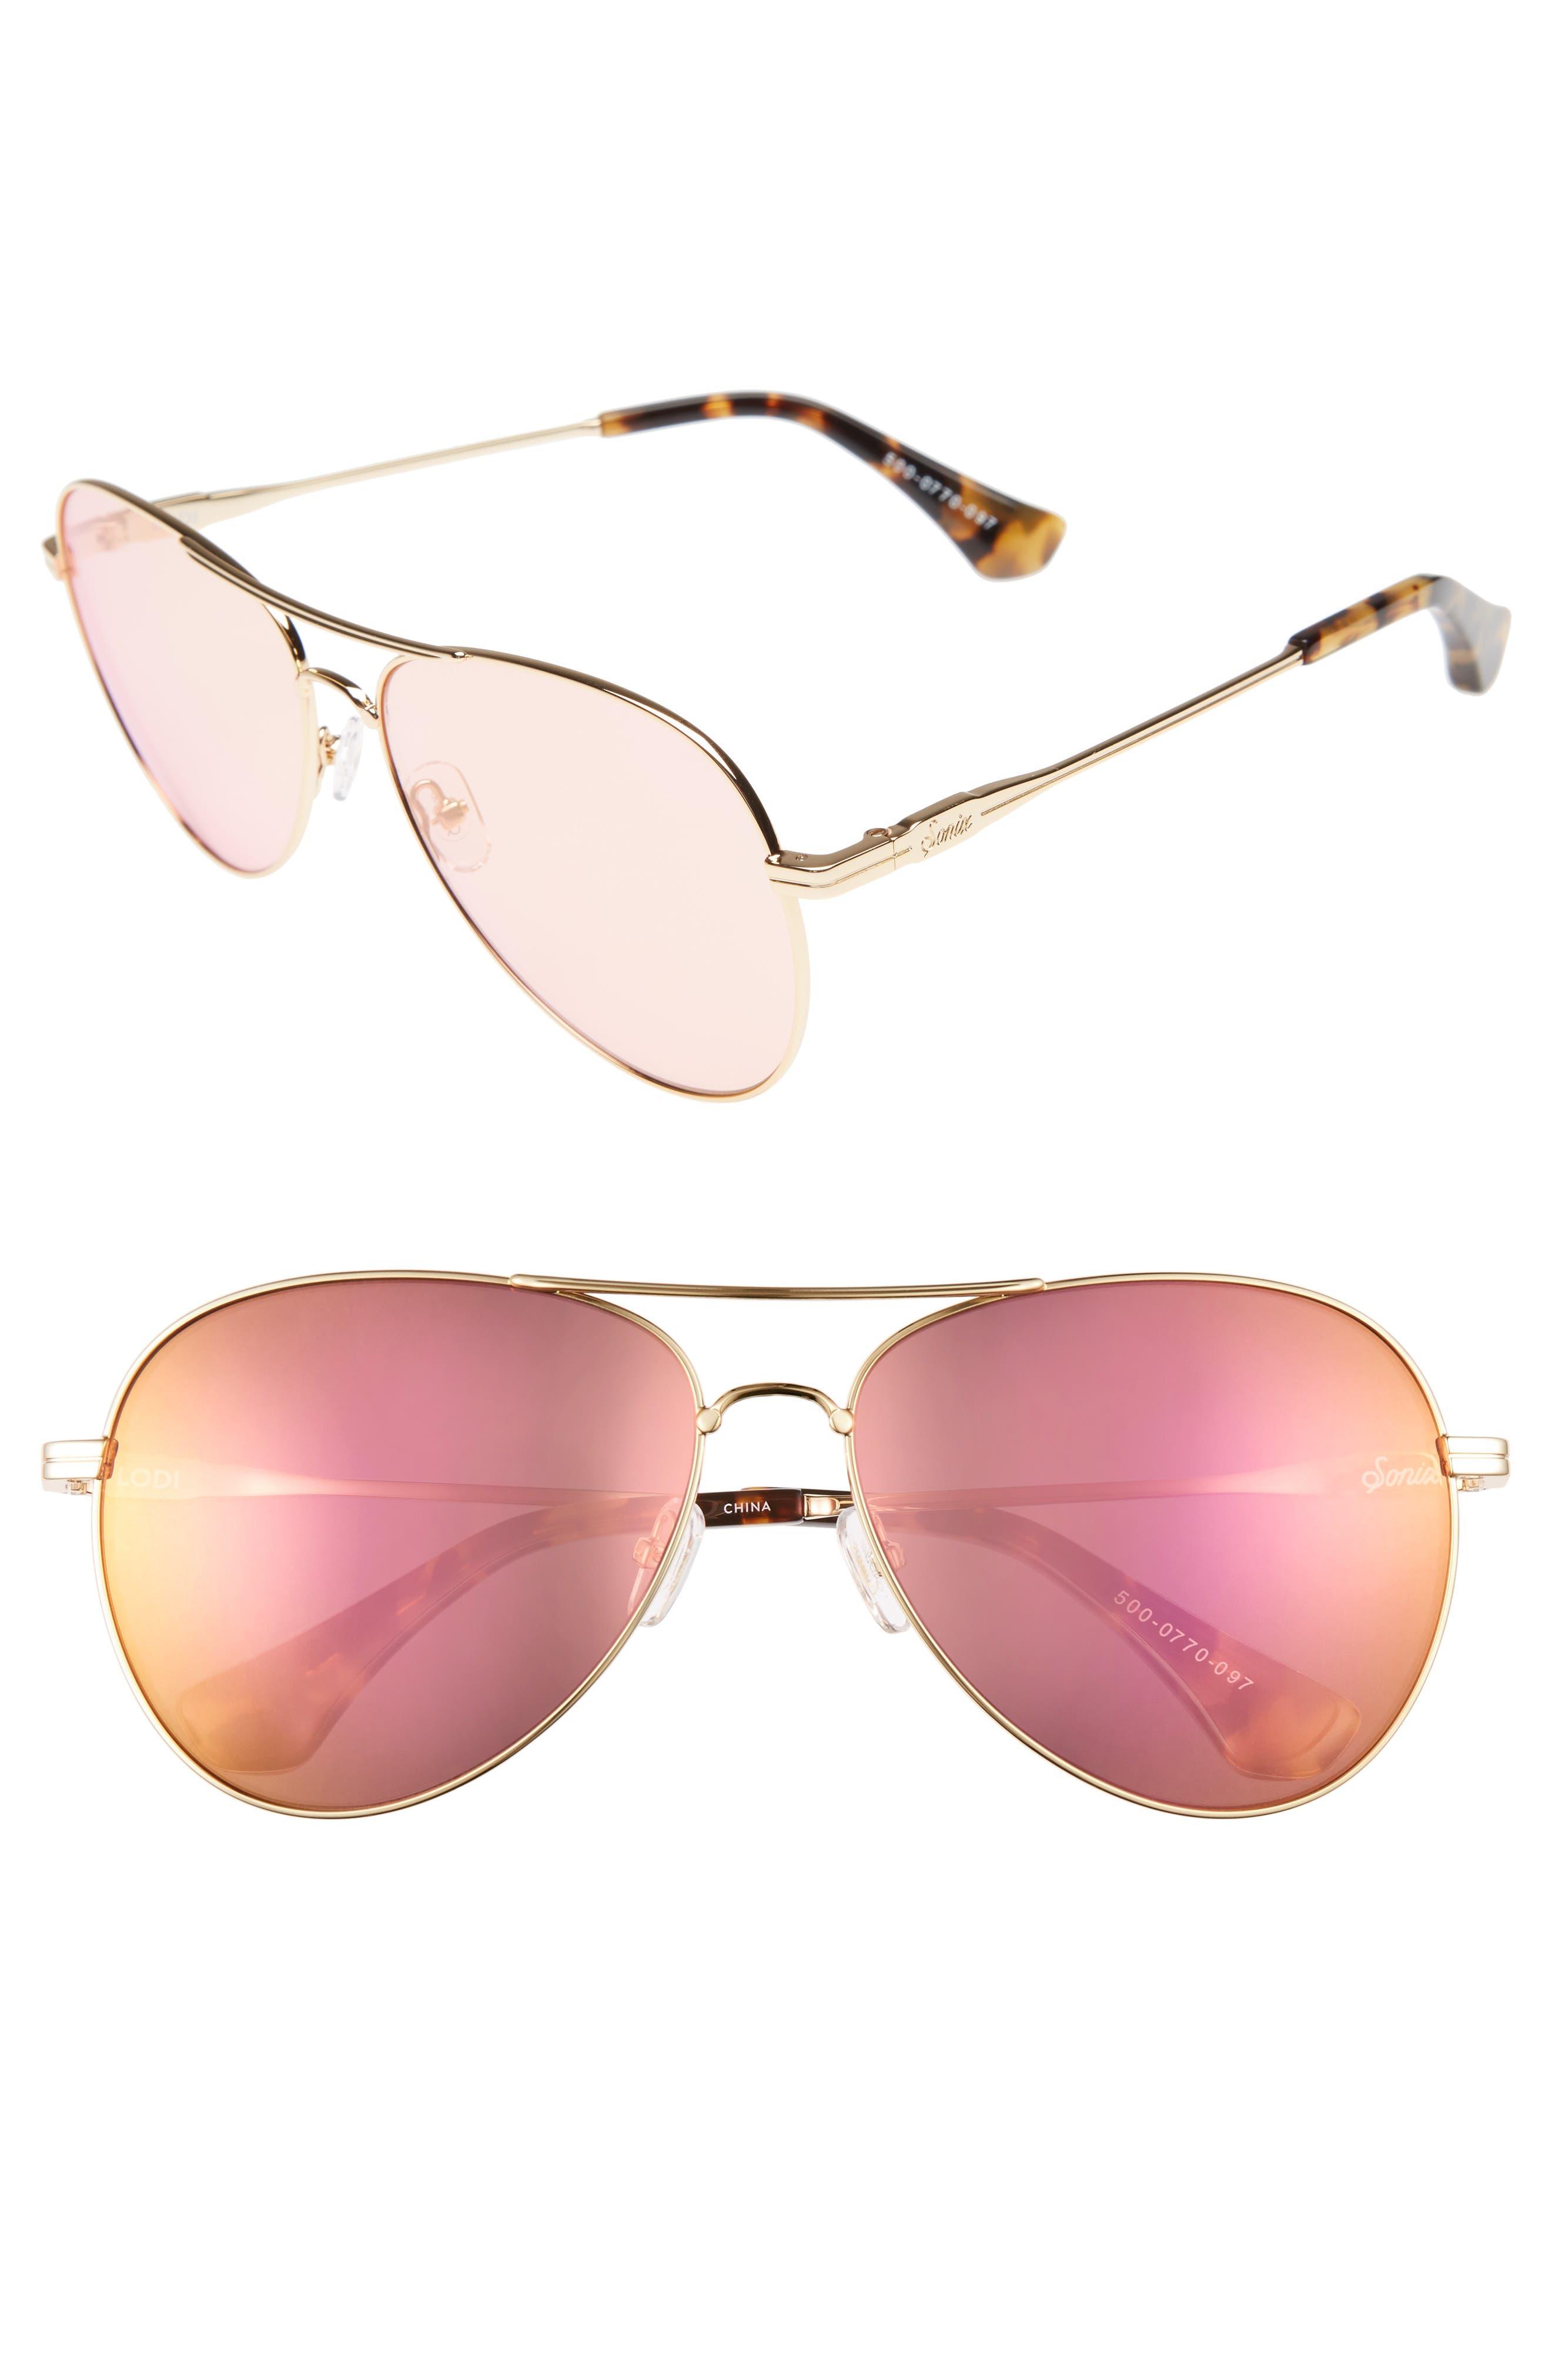 Main Image - Sonix Lodi 61mm Mirrored Aviator Sunglasses